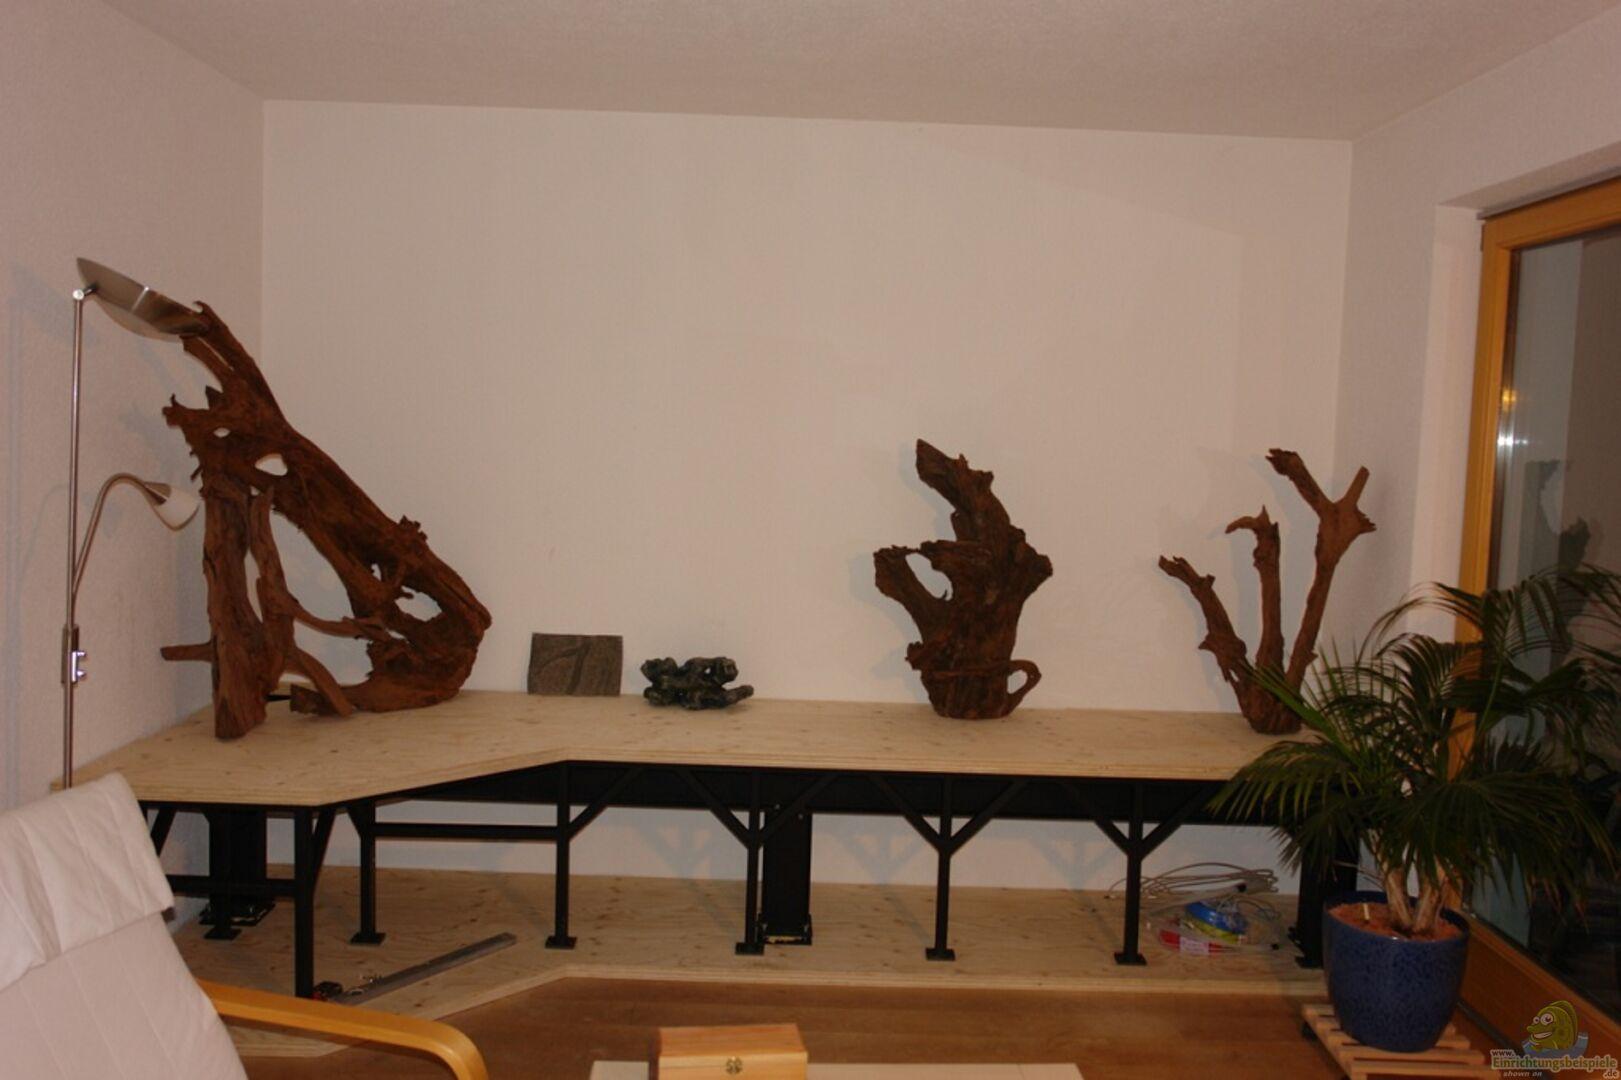 paul kerschbaumer 18344 s dtirols amazonas. Black Bedroom Furniture Sets. Home Design Ideas